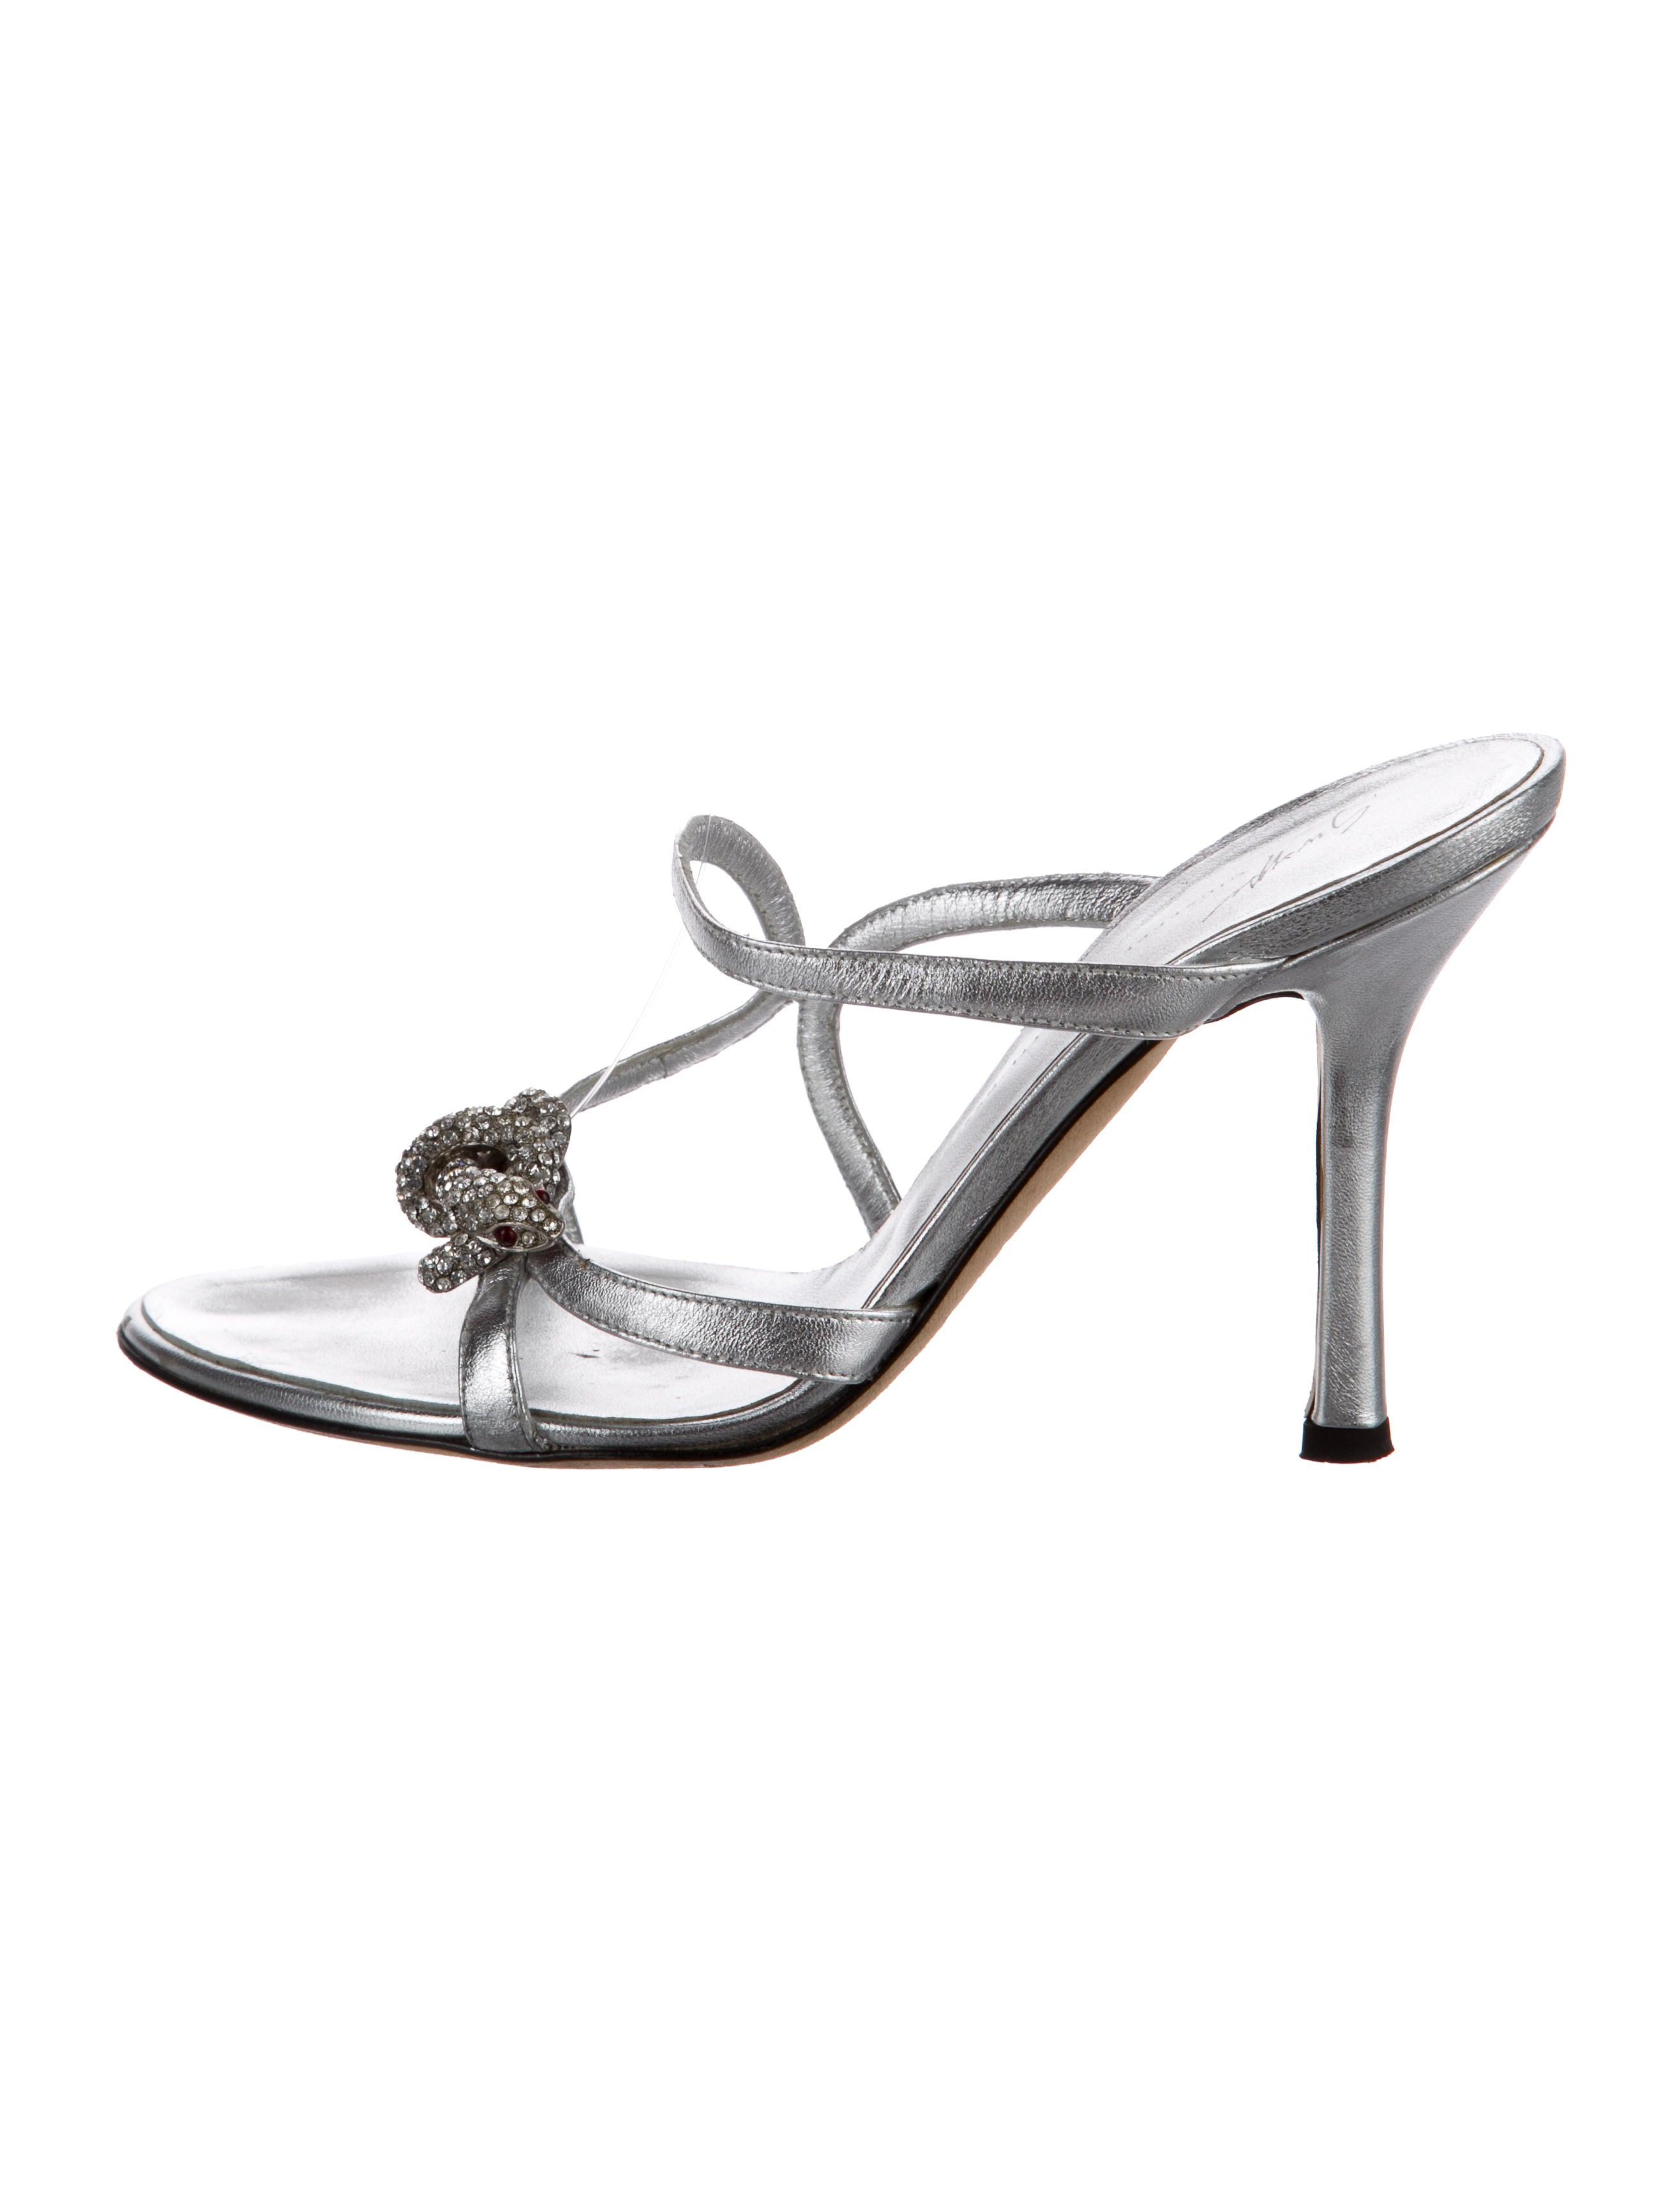 Giuseppe Zanotti Tak Leather Slide Sandals for sale cheap online LwsVlkv